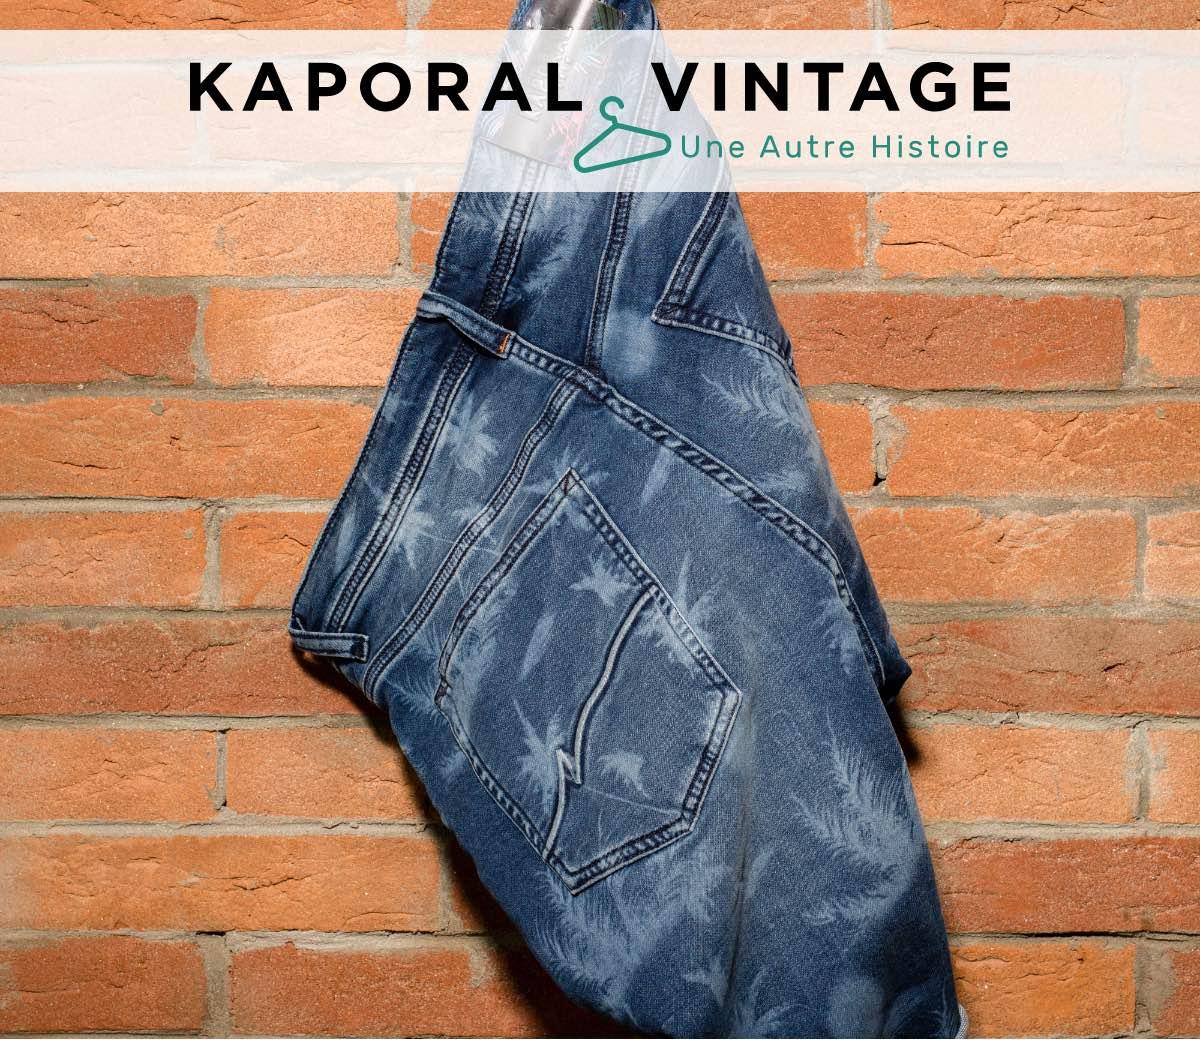 KAPORAL prints